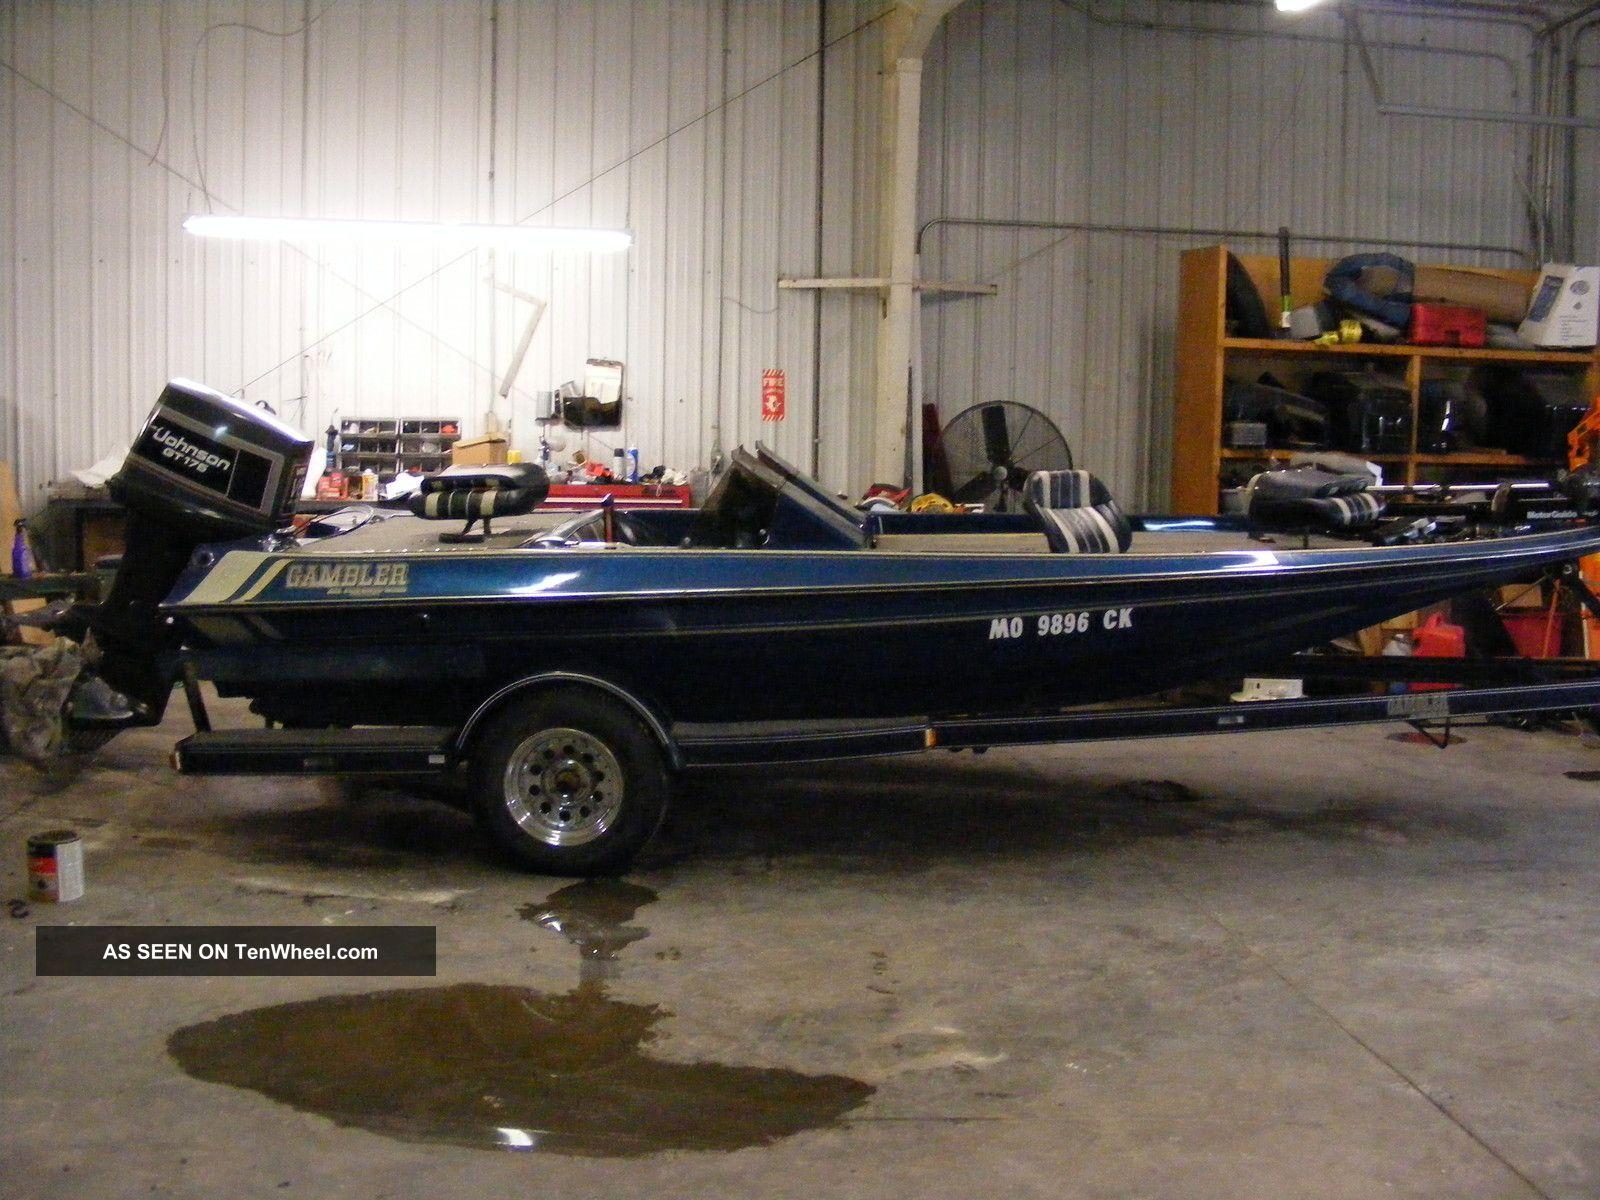 1989 Gambler 183 Gt Bass Fishing Boats photo